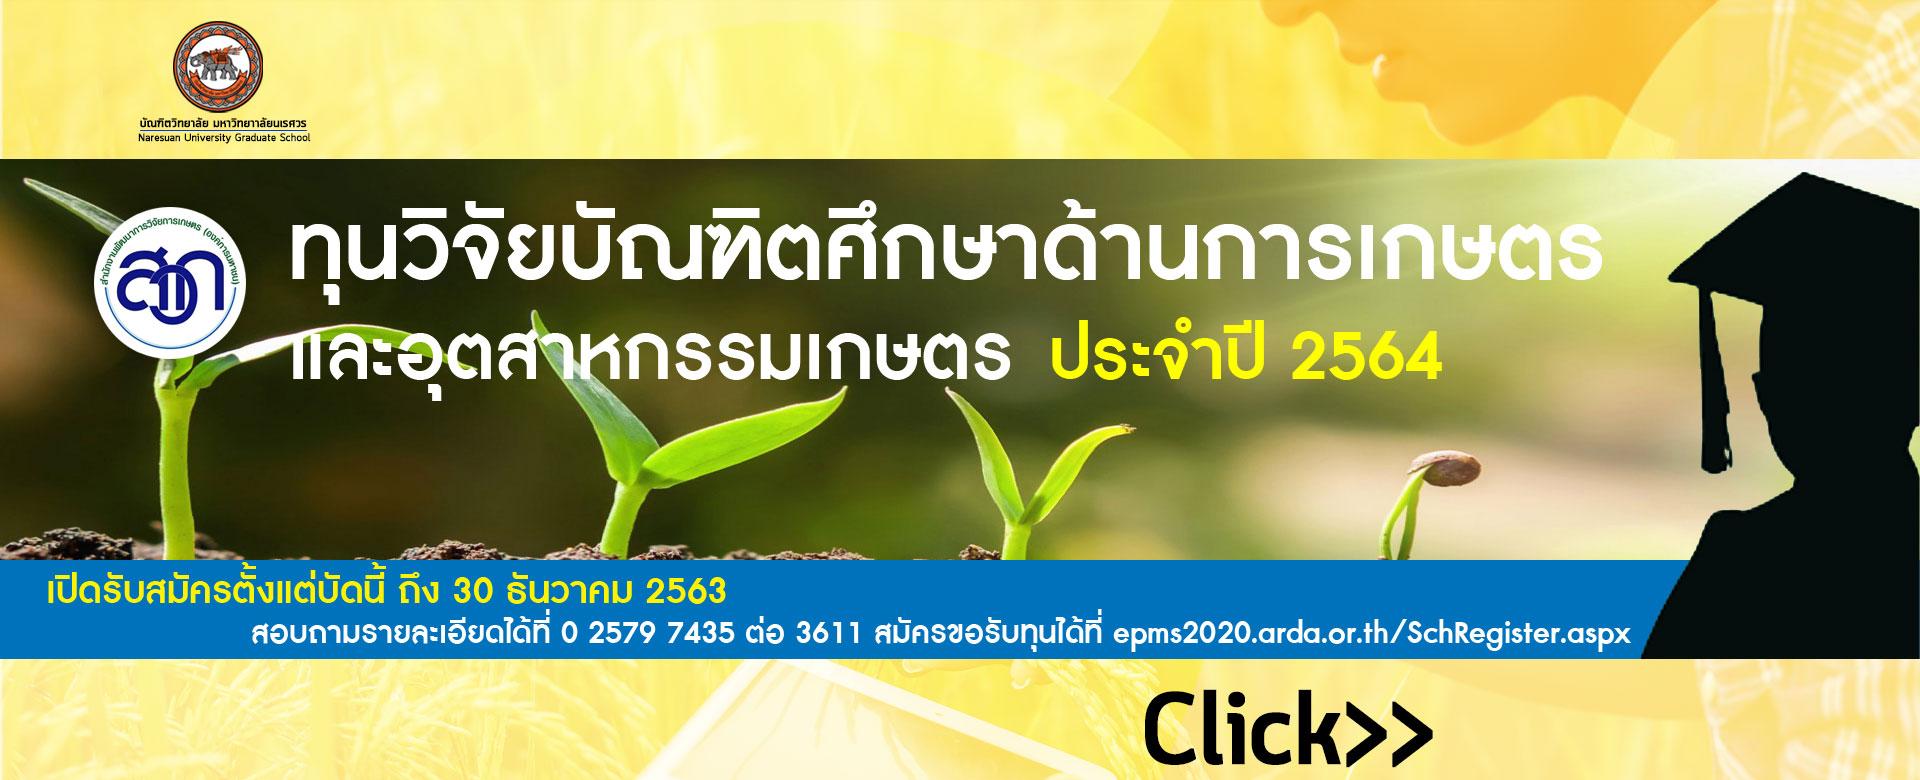 ประกาศสำนักงานพัฒนาการวิจัยการเกษตร (องค์การมหาชน) เรื่อง การให้ทุนวิจัยบัณฑิตศึกษาด้านการเกษตรและอุตสาหกรรมเกษตร ประจำปี 2564